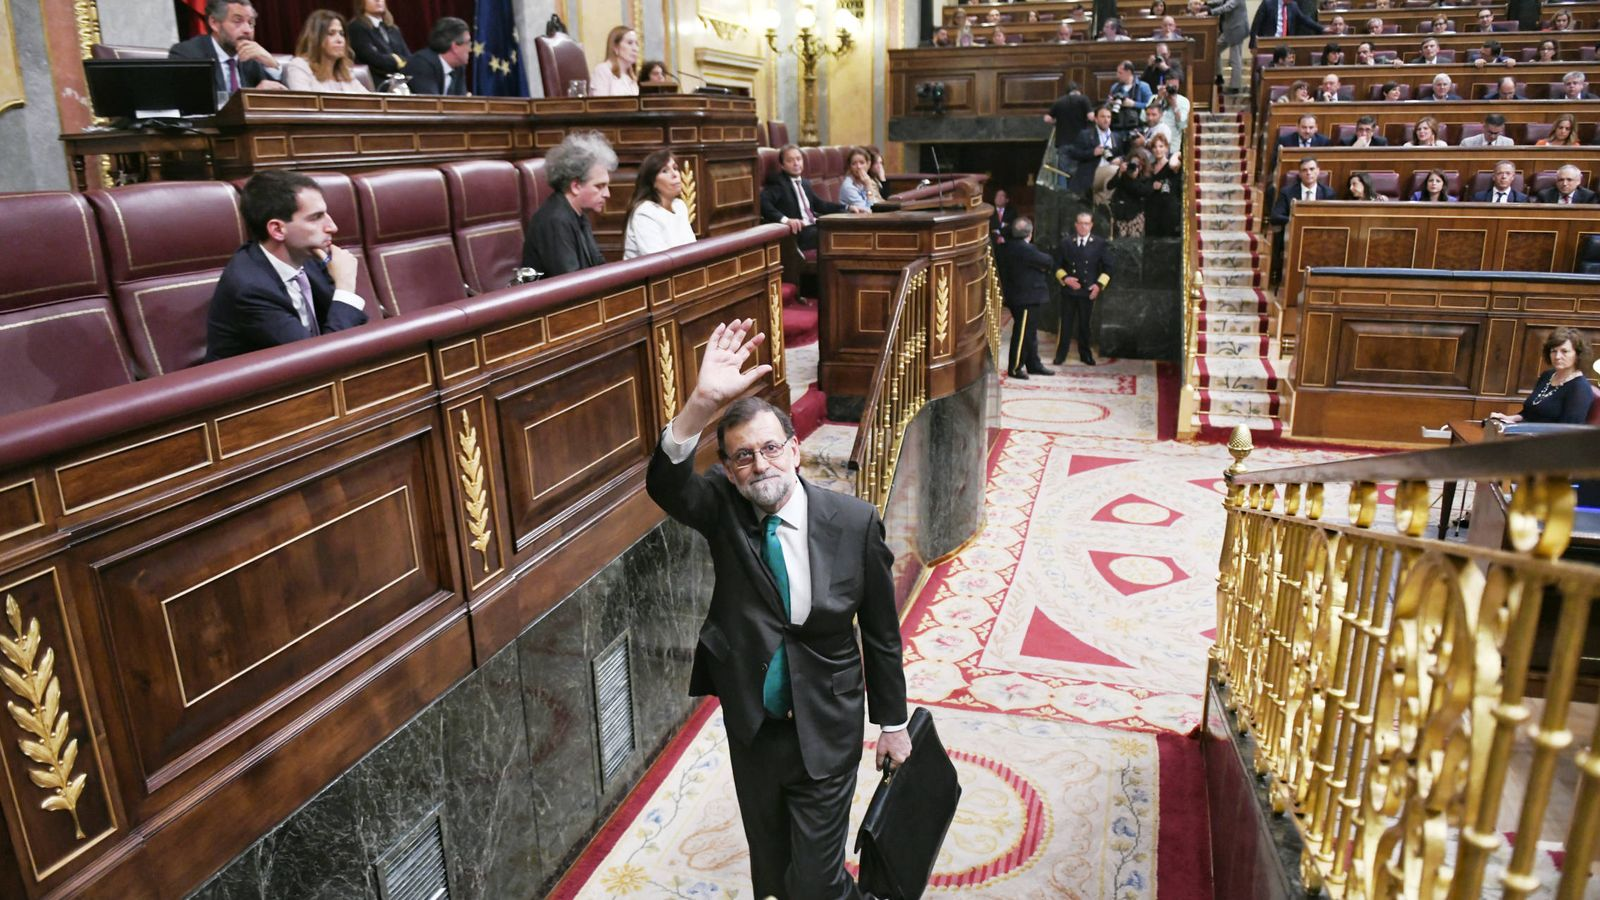 Foto: El presidente del Gobierno, Mariano Rajoy, a su salida del Congreso tras participar en el debate de la moción de censura. (Dani Gago)